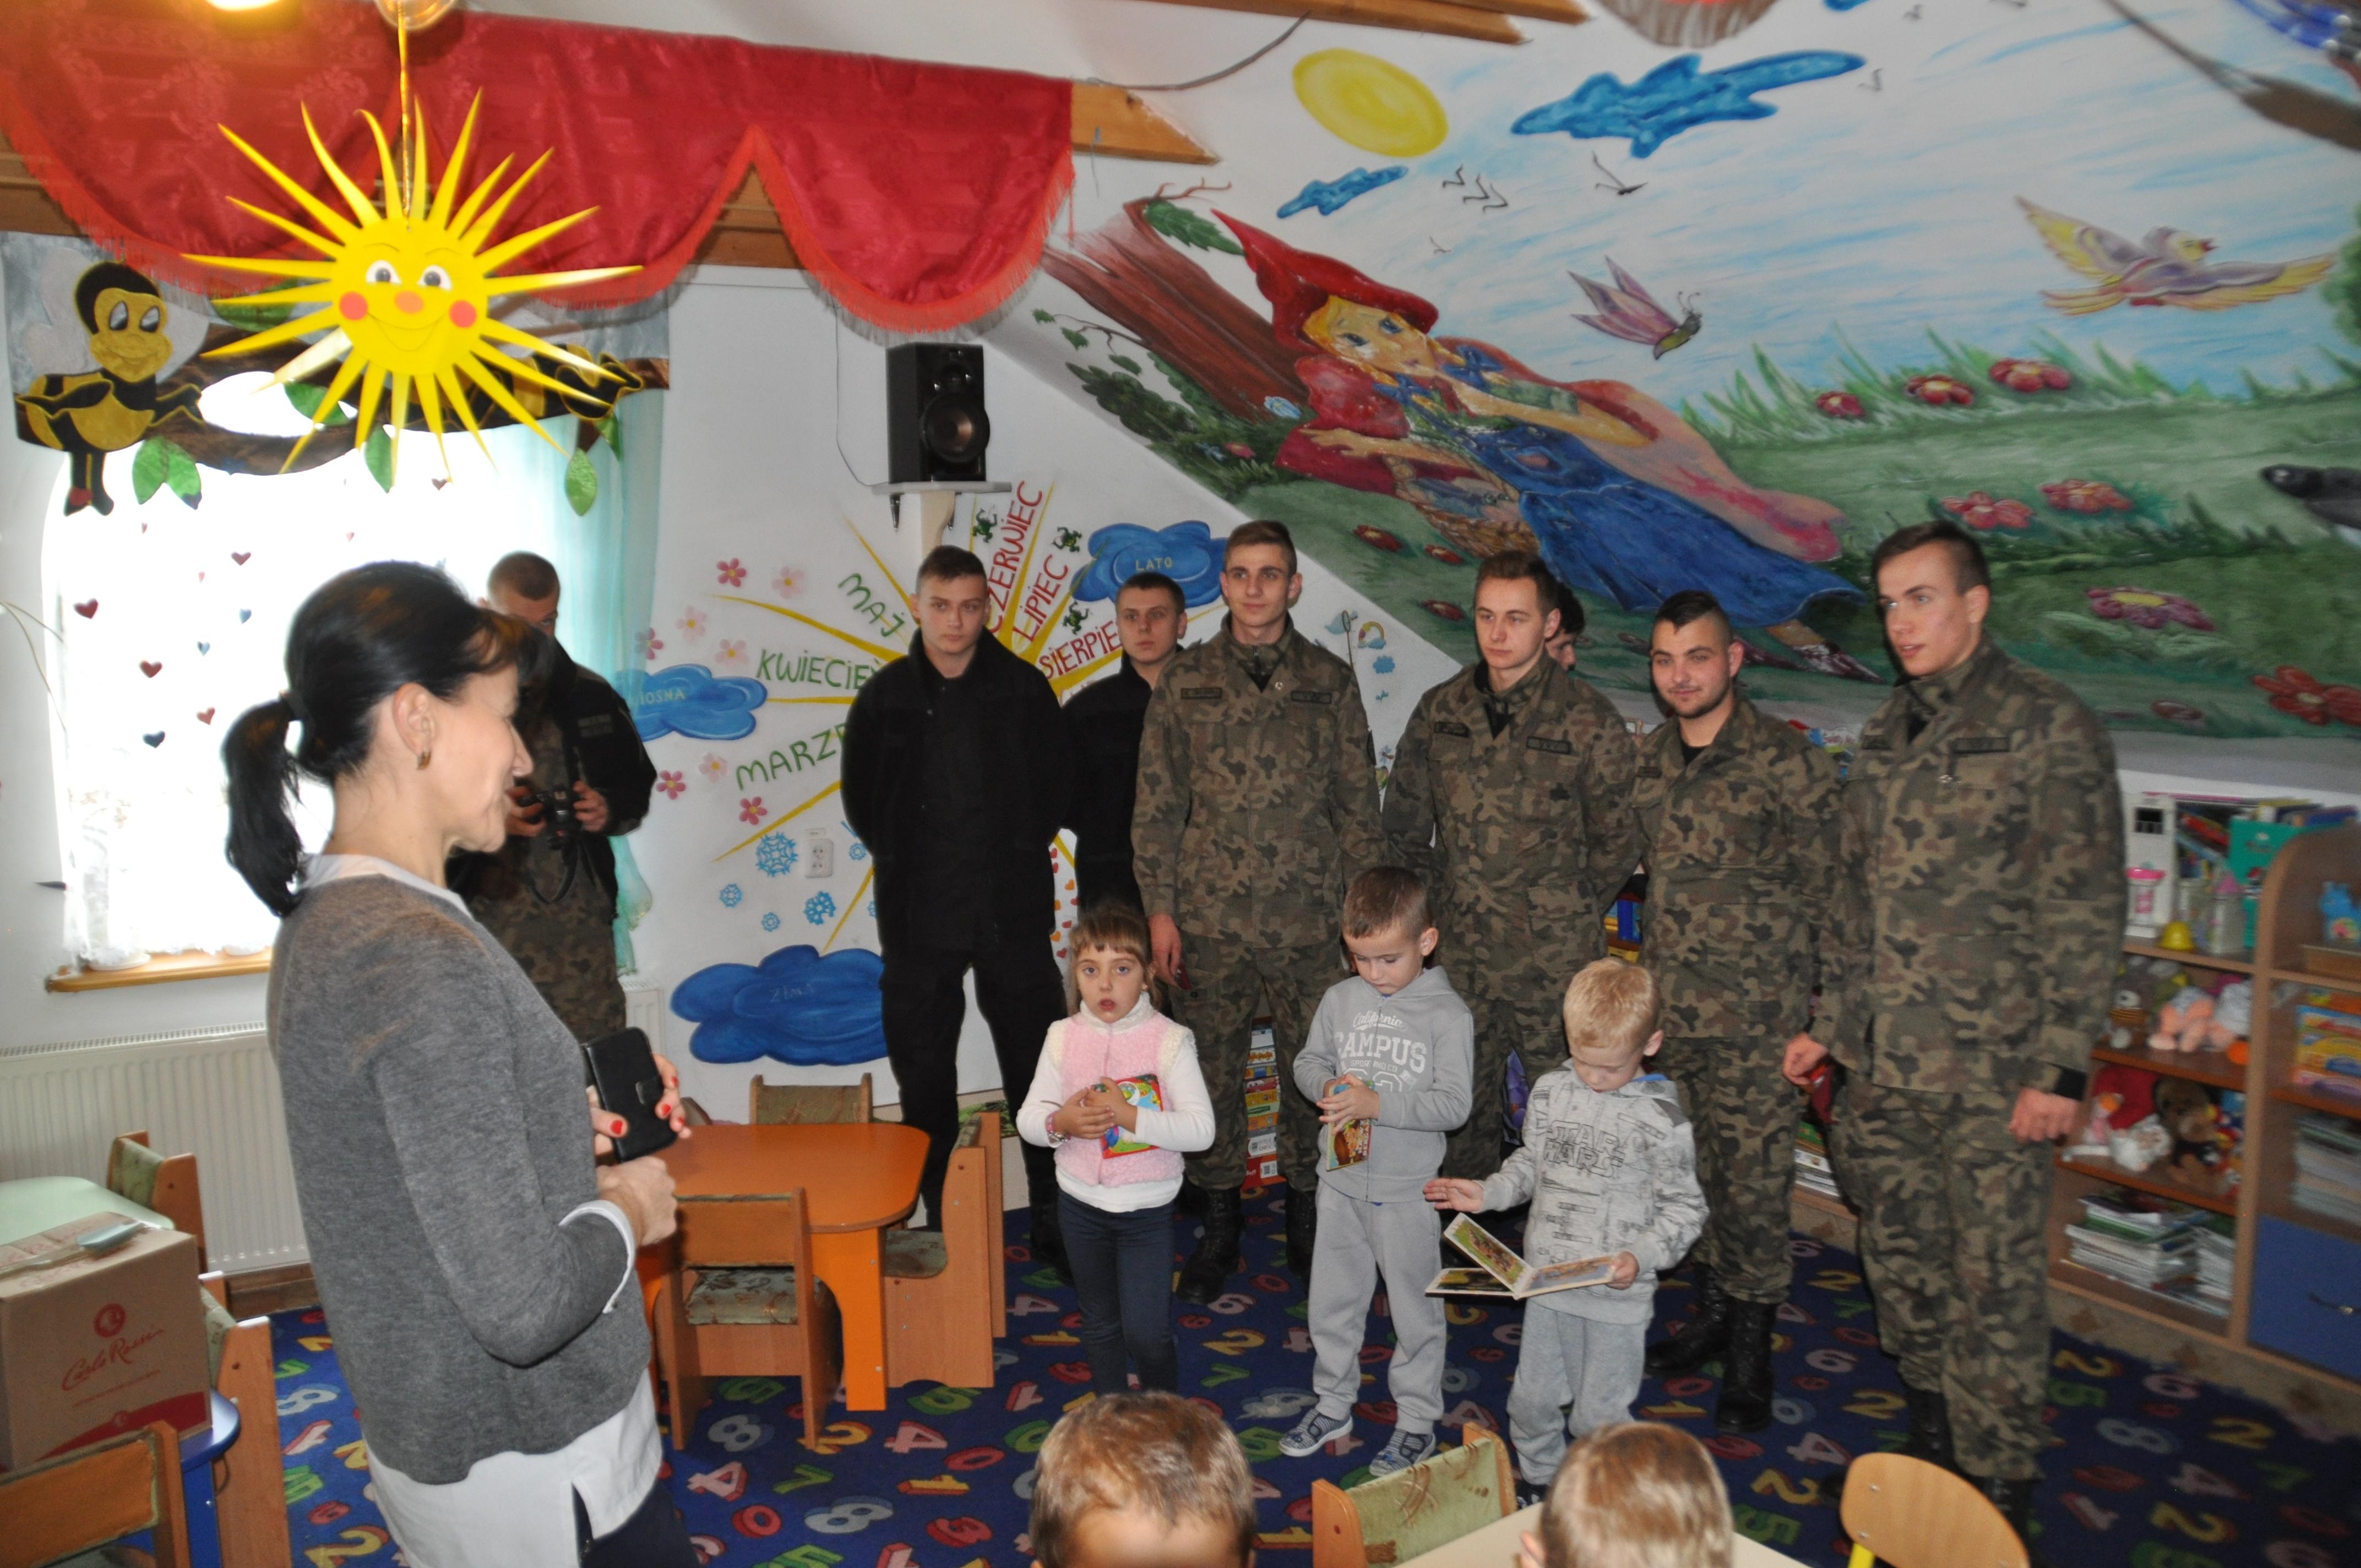 Uczniowie ZSP Krzeszowice odwiedzili Kresy